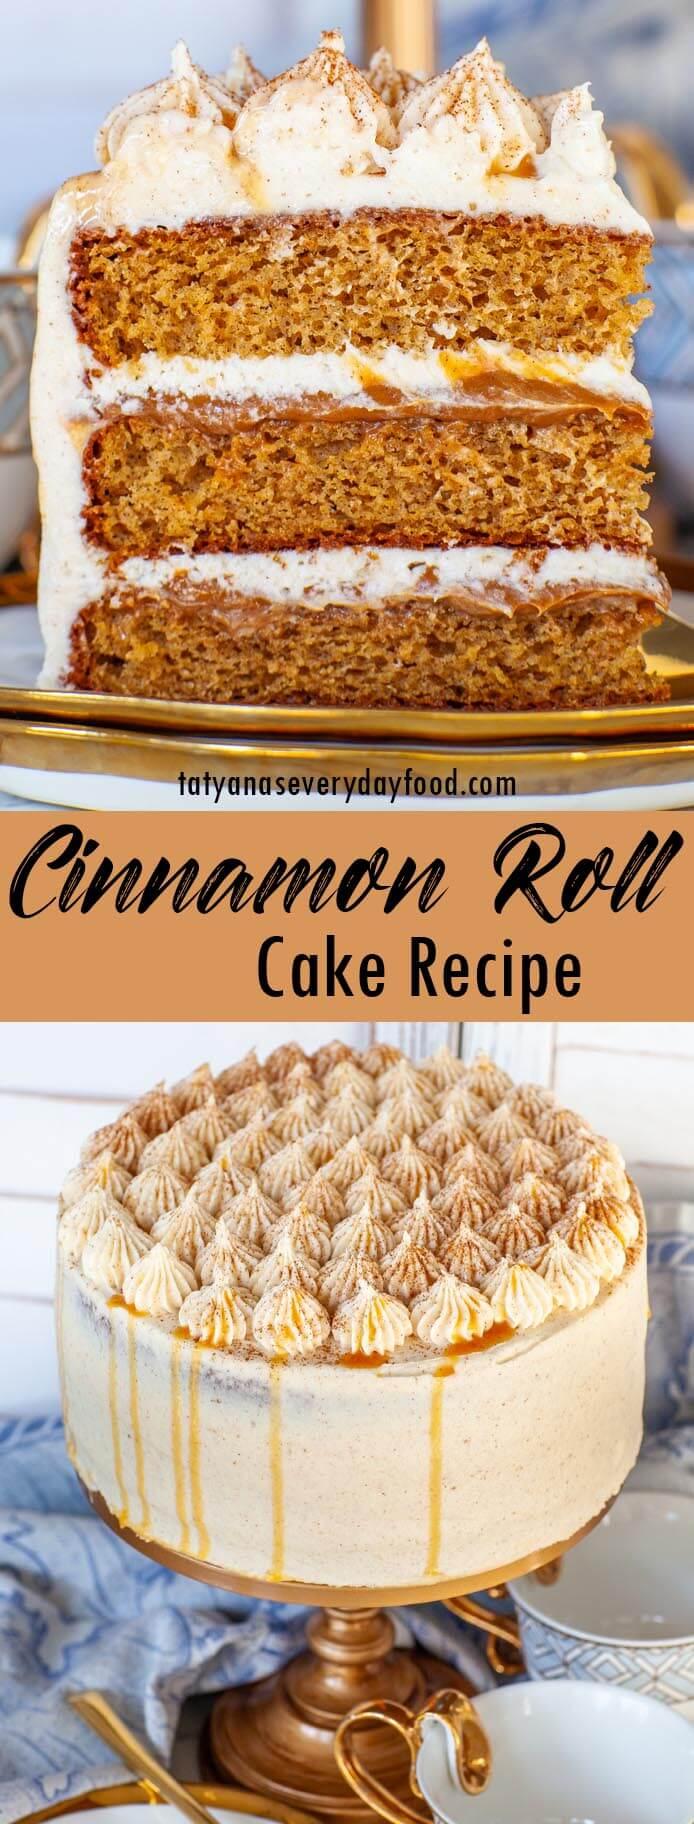 Cinnamon Roll Cake video recipe